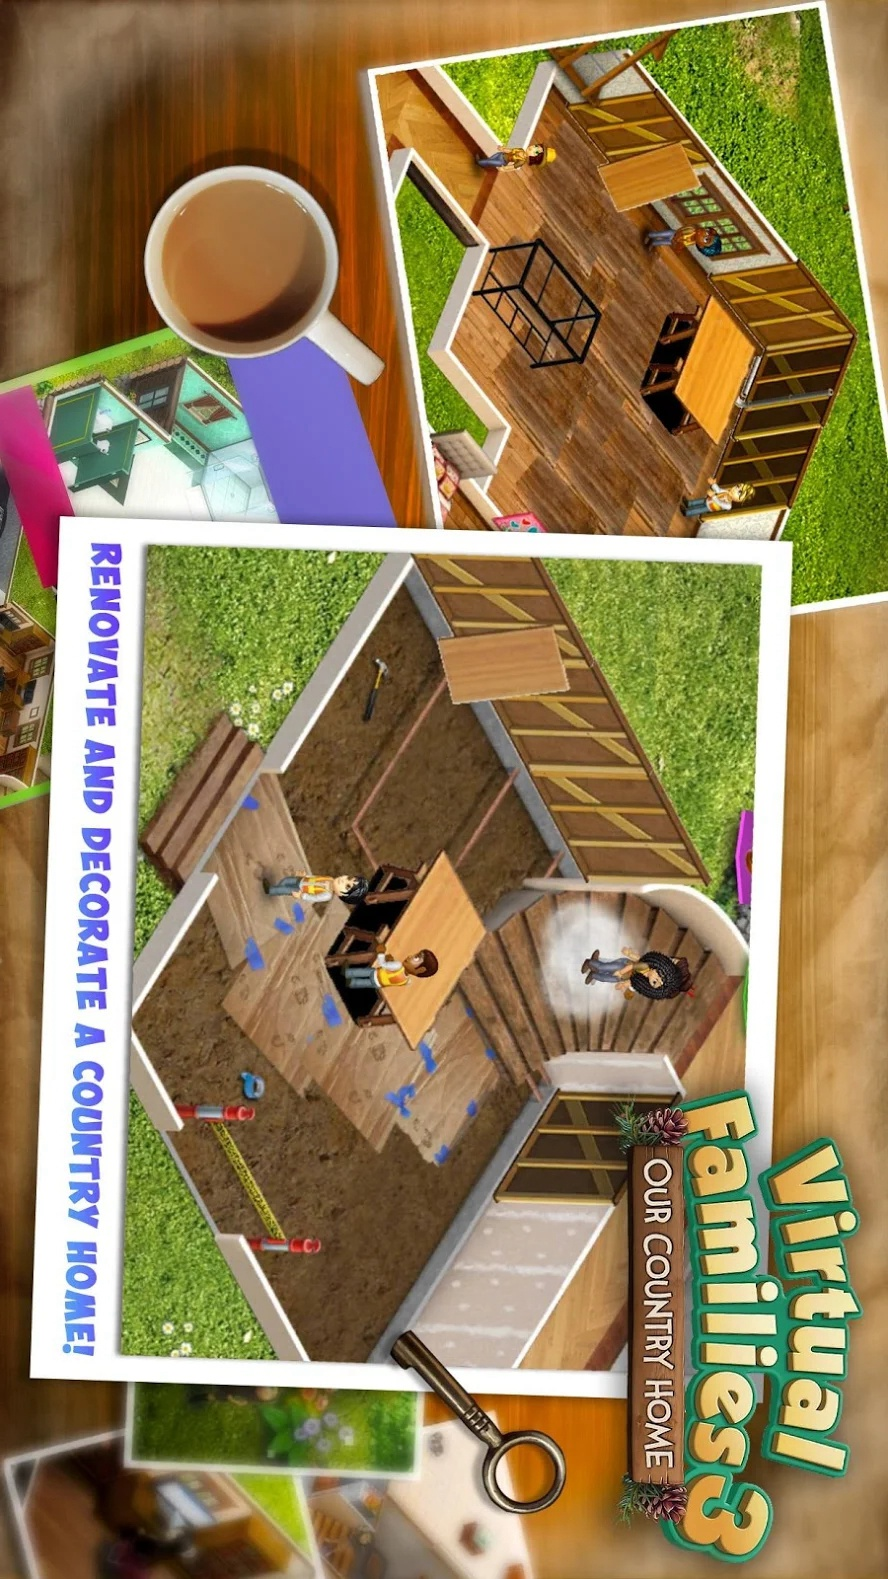 虚拟家庭3游戏截图